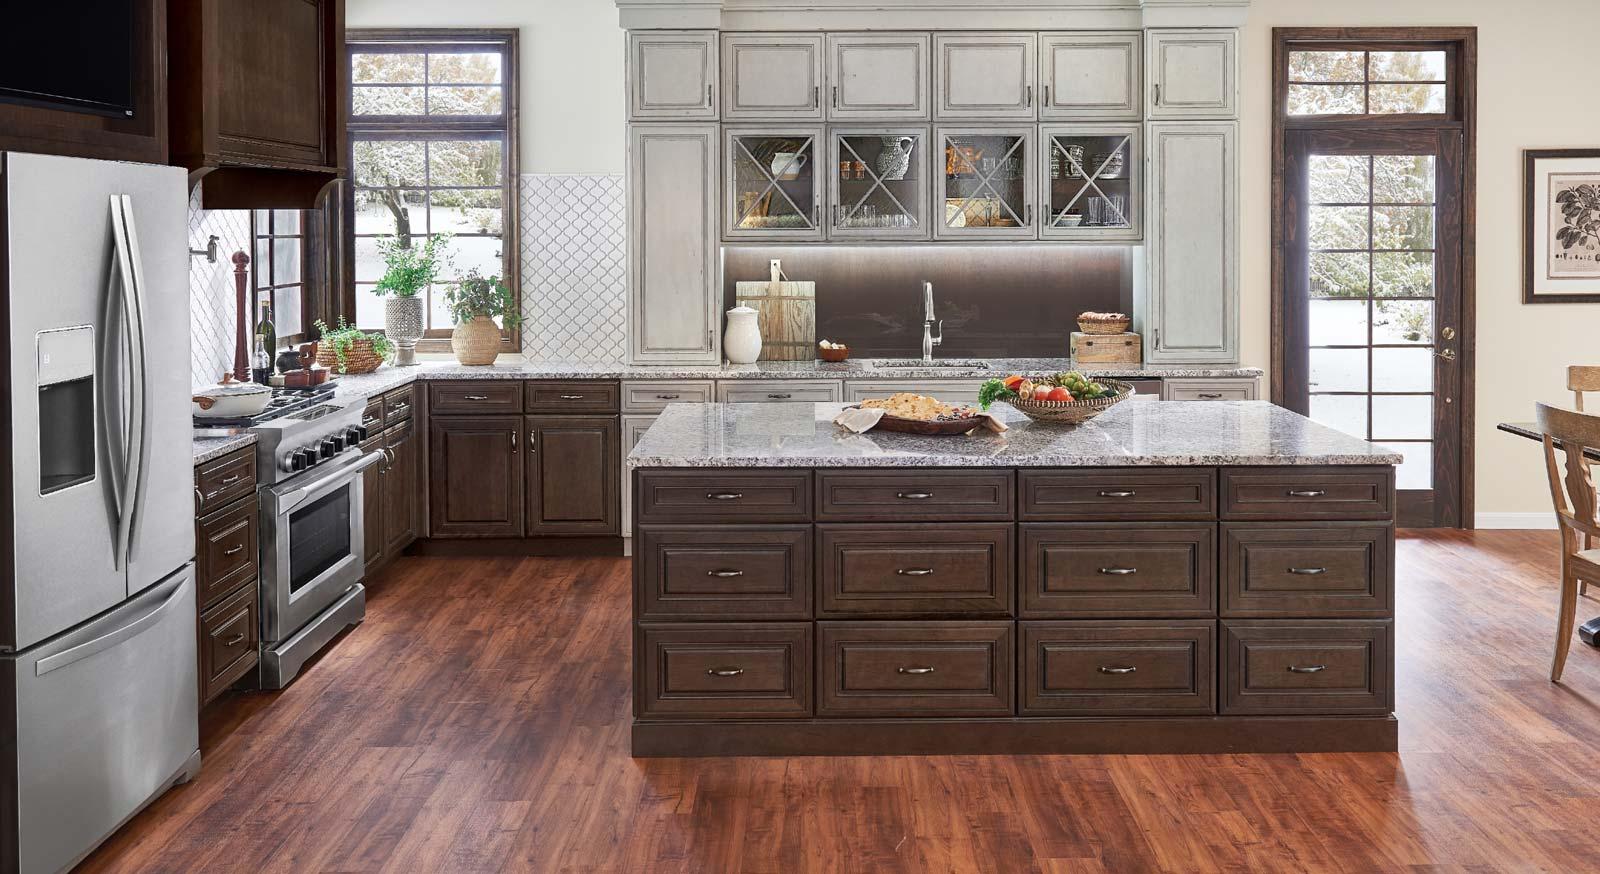 Traditional Kitchens Design Remodeling 978 687 6825 Serving